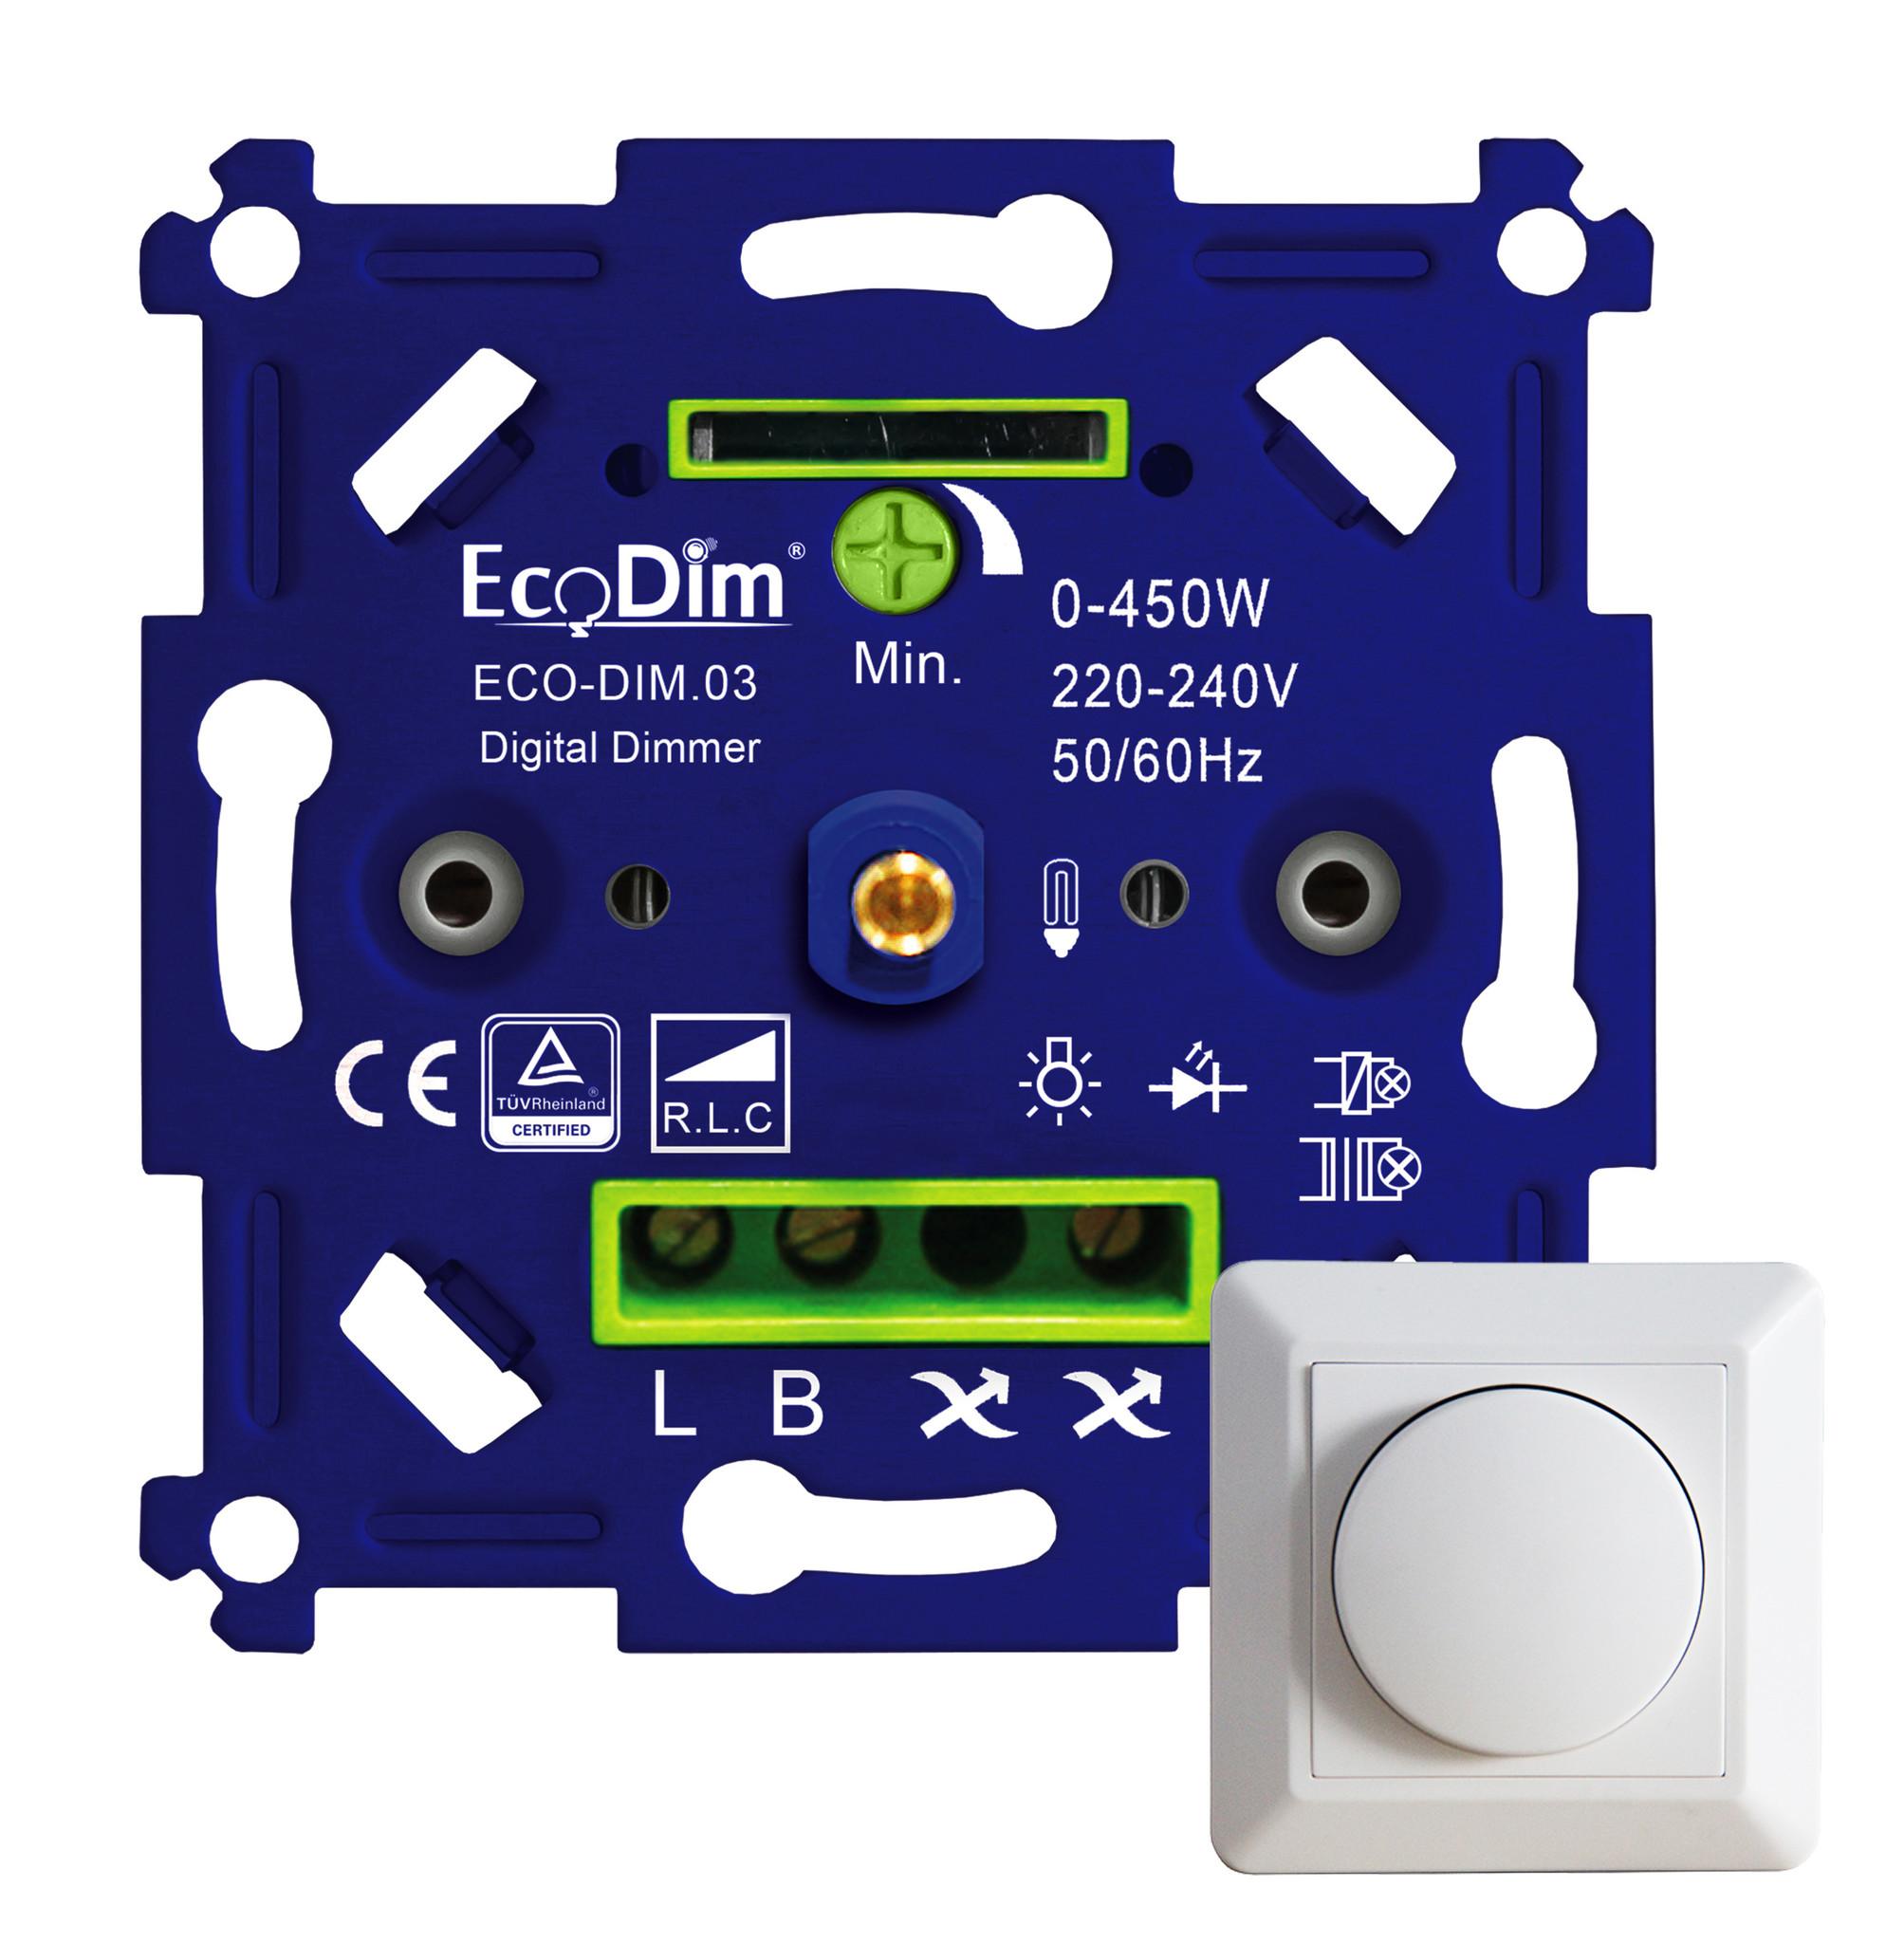 ECO-DIM.03: Blauw/groene krachtpatser  met 0-450W led aansluitvermogen!